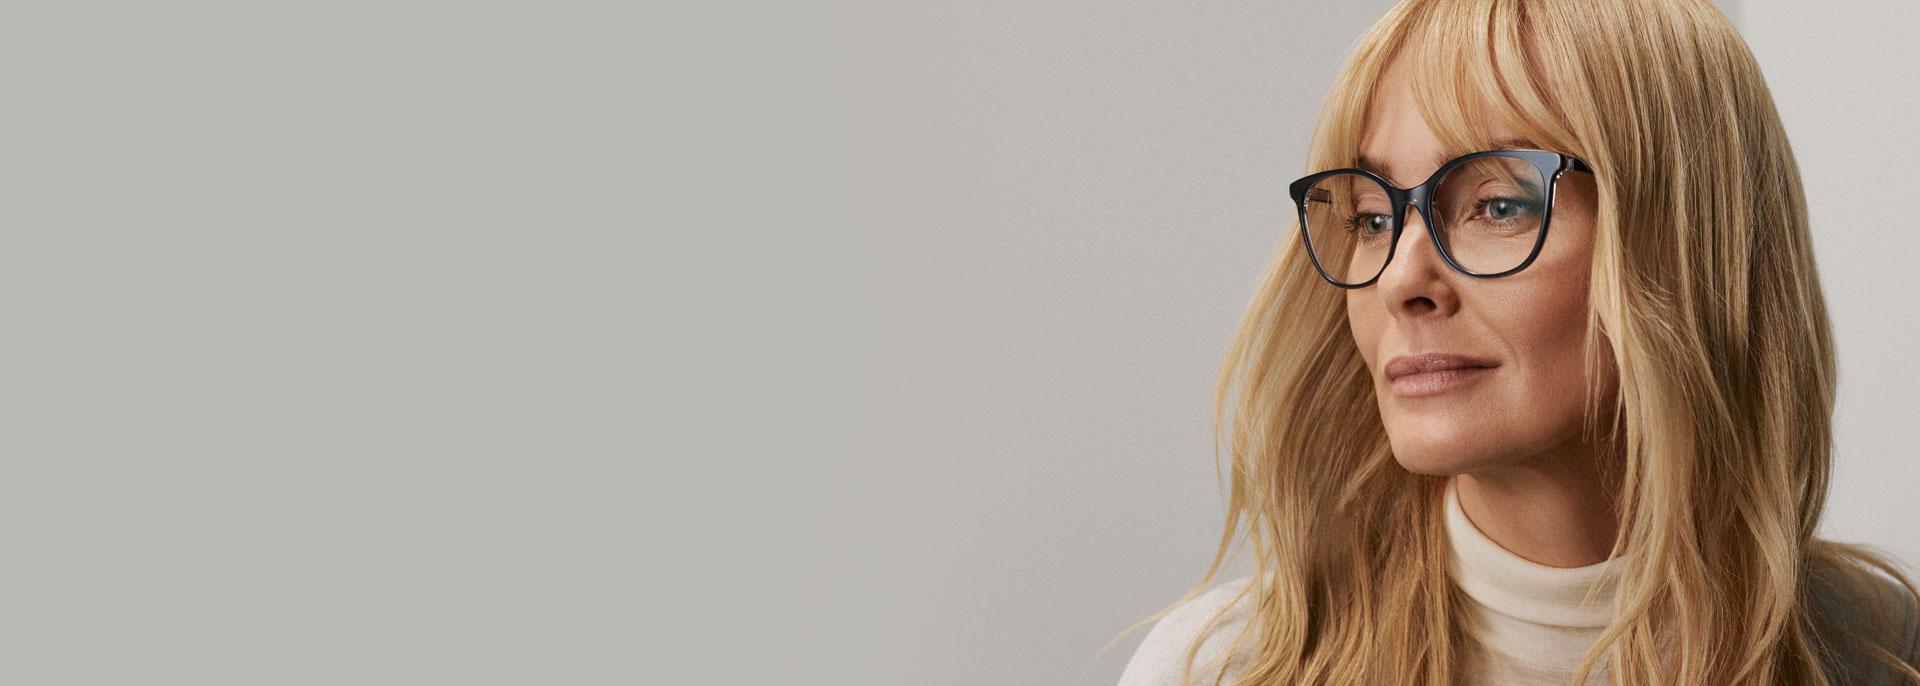 Samlet pris for hele flerstyrkebrillen 3.450,-